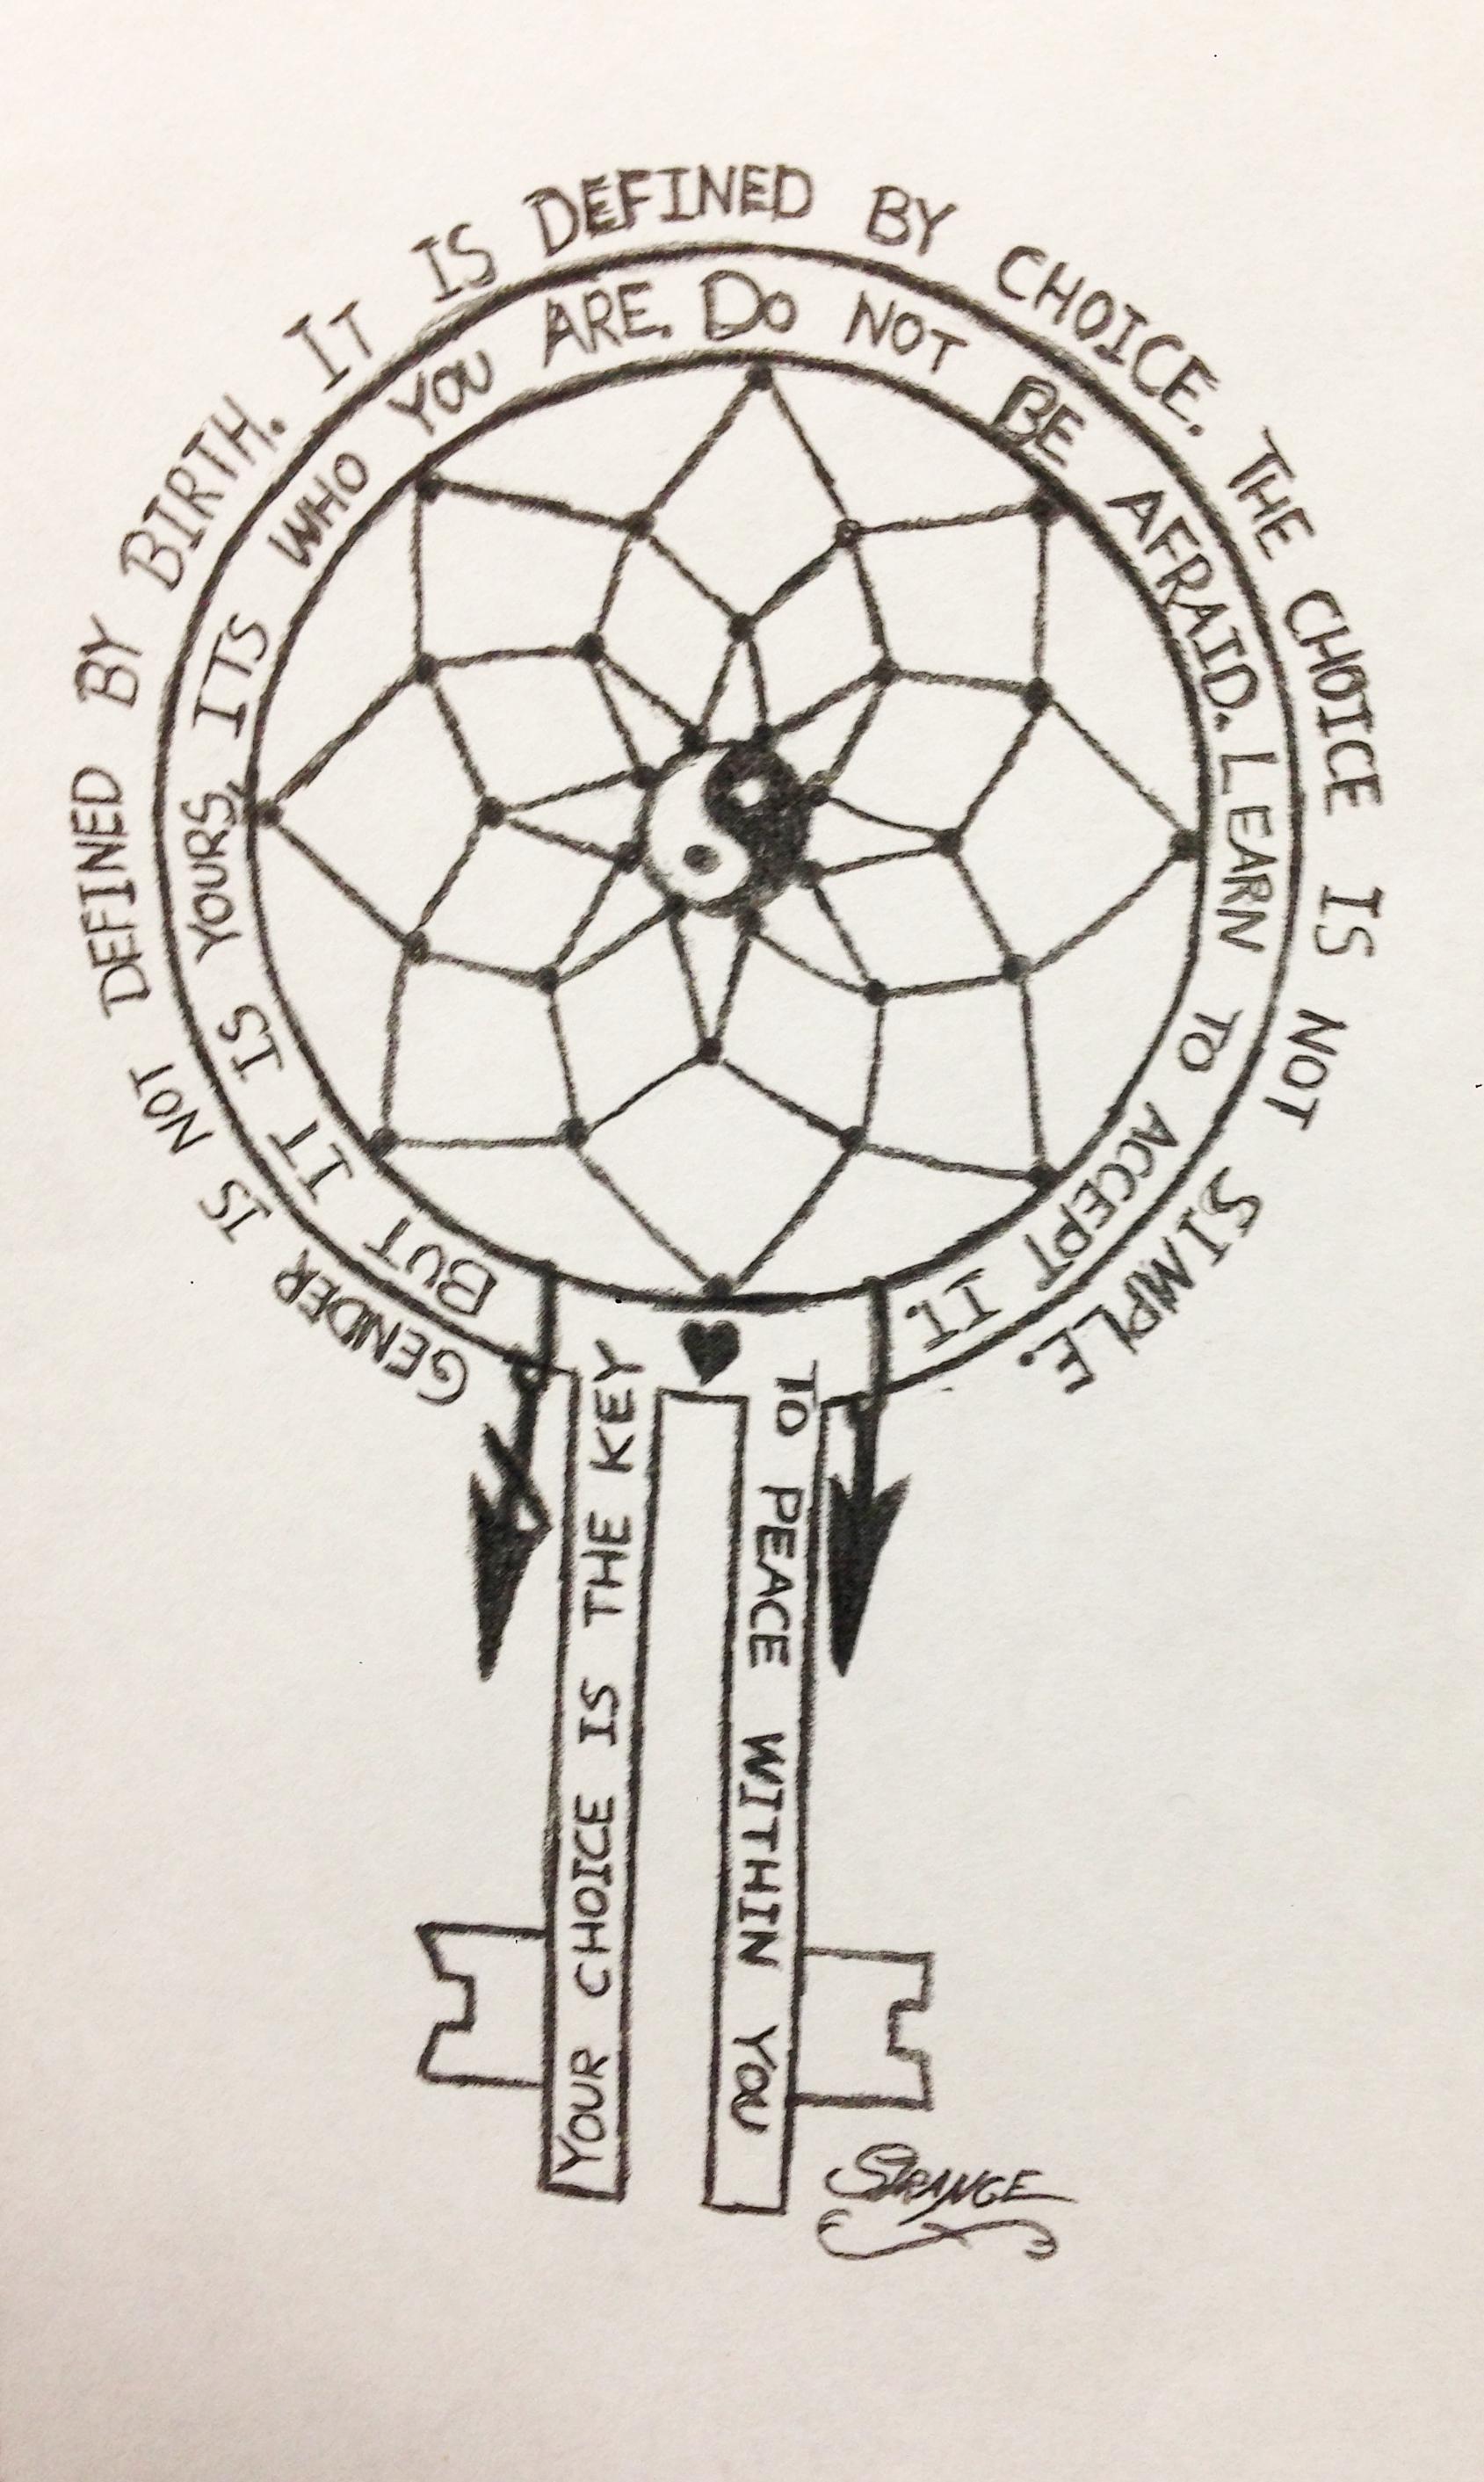 strange's drawing